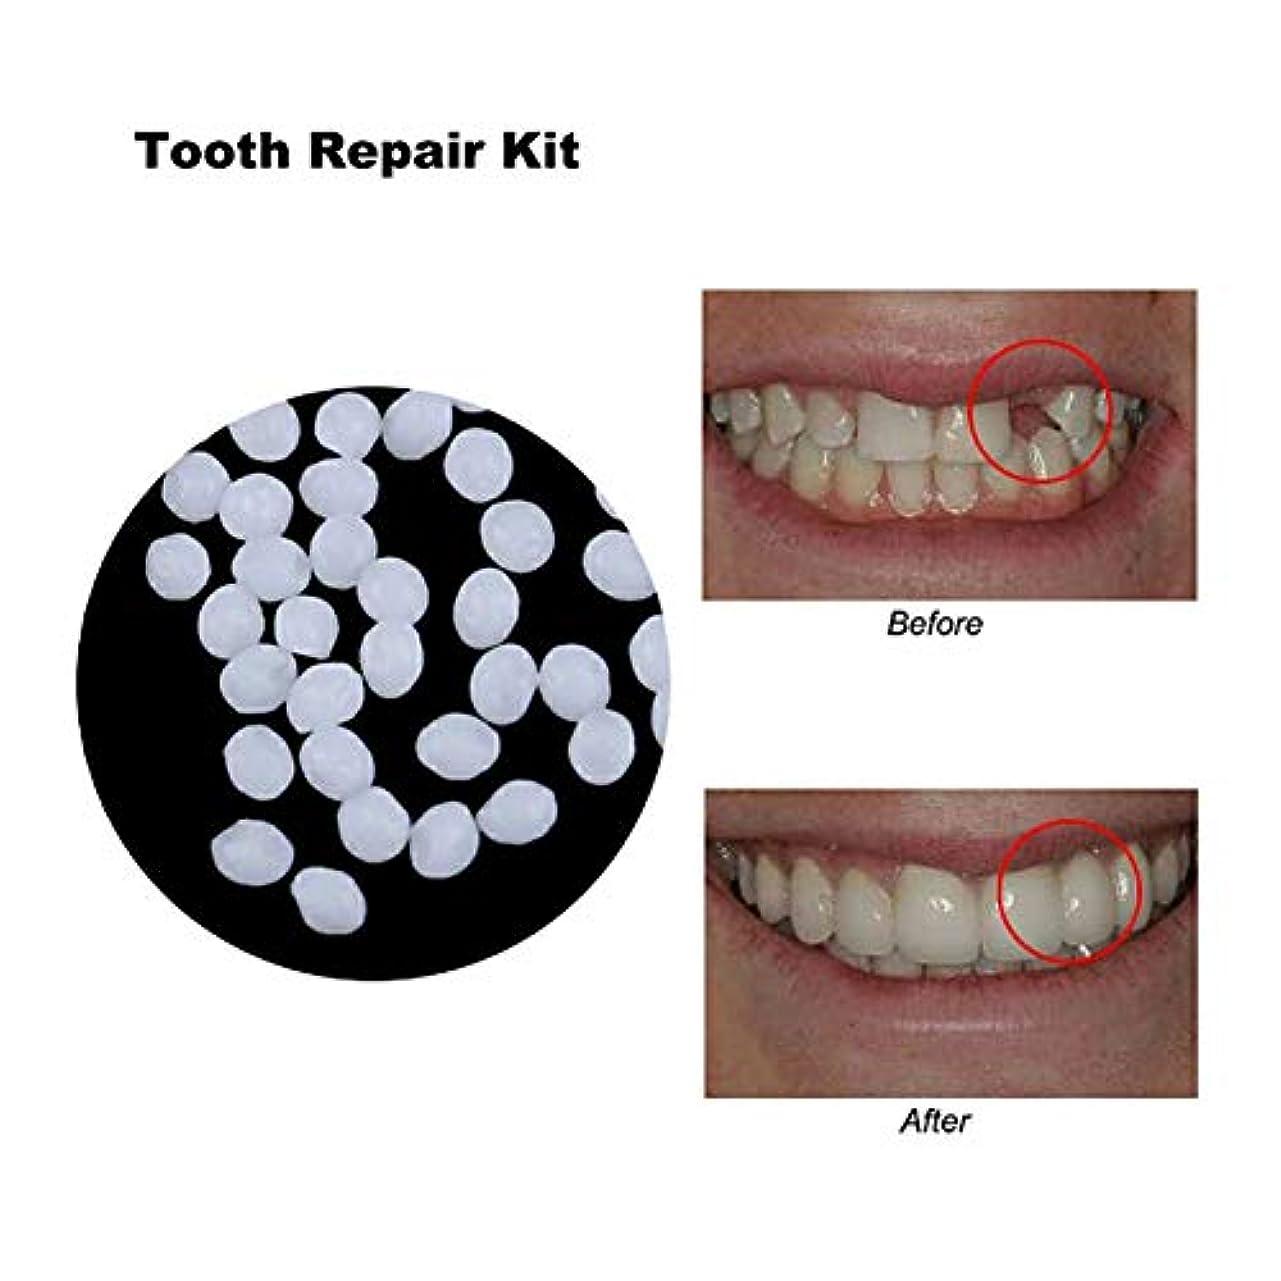 空いている受粉する繁殖偽歯固体接着剤 - 樹脂の歯とギャップのための一時的な化粧品の歯の修復キットクリエイティブ義歯接着剤,20ml20g